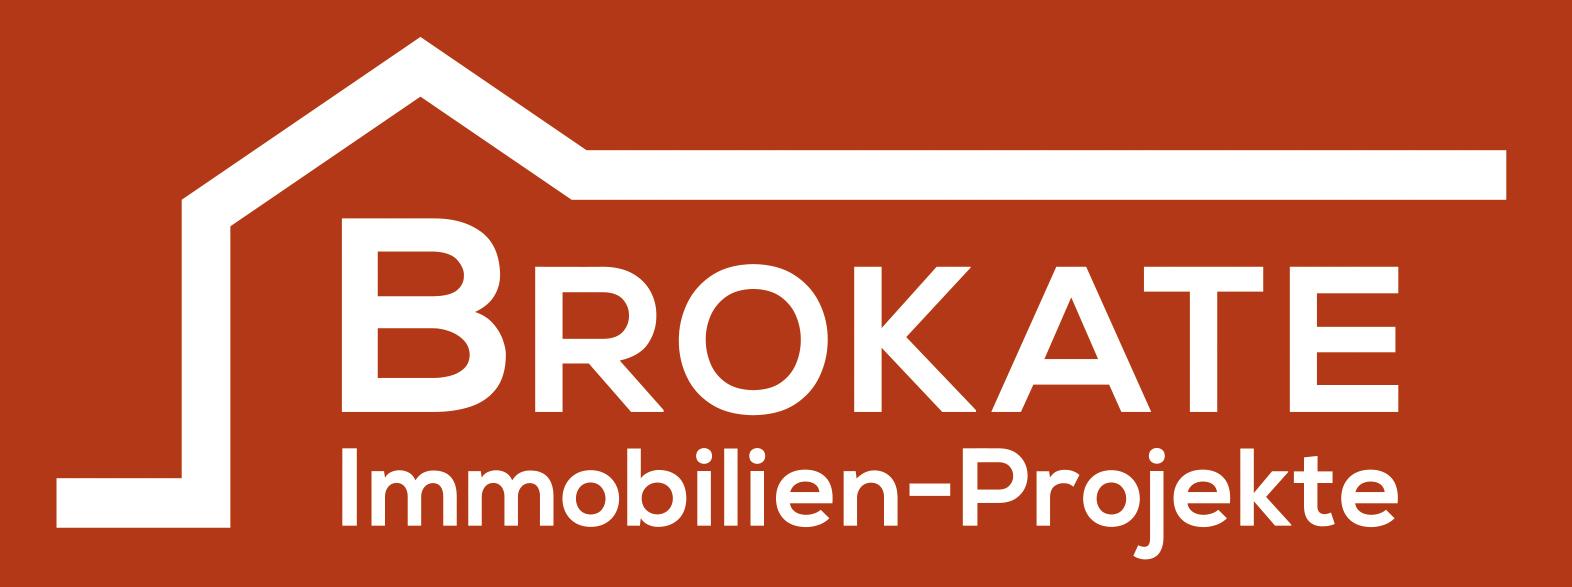 Brokate-Immobilien – Das Maklerhaus in Schweich – Logo